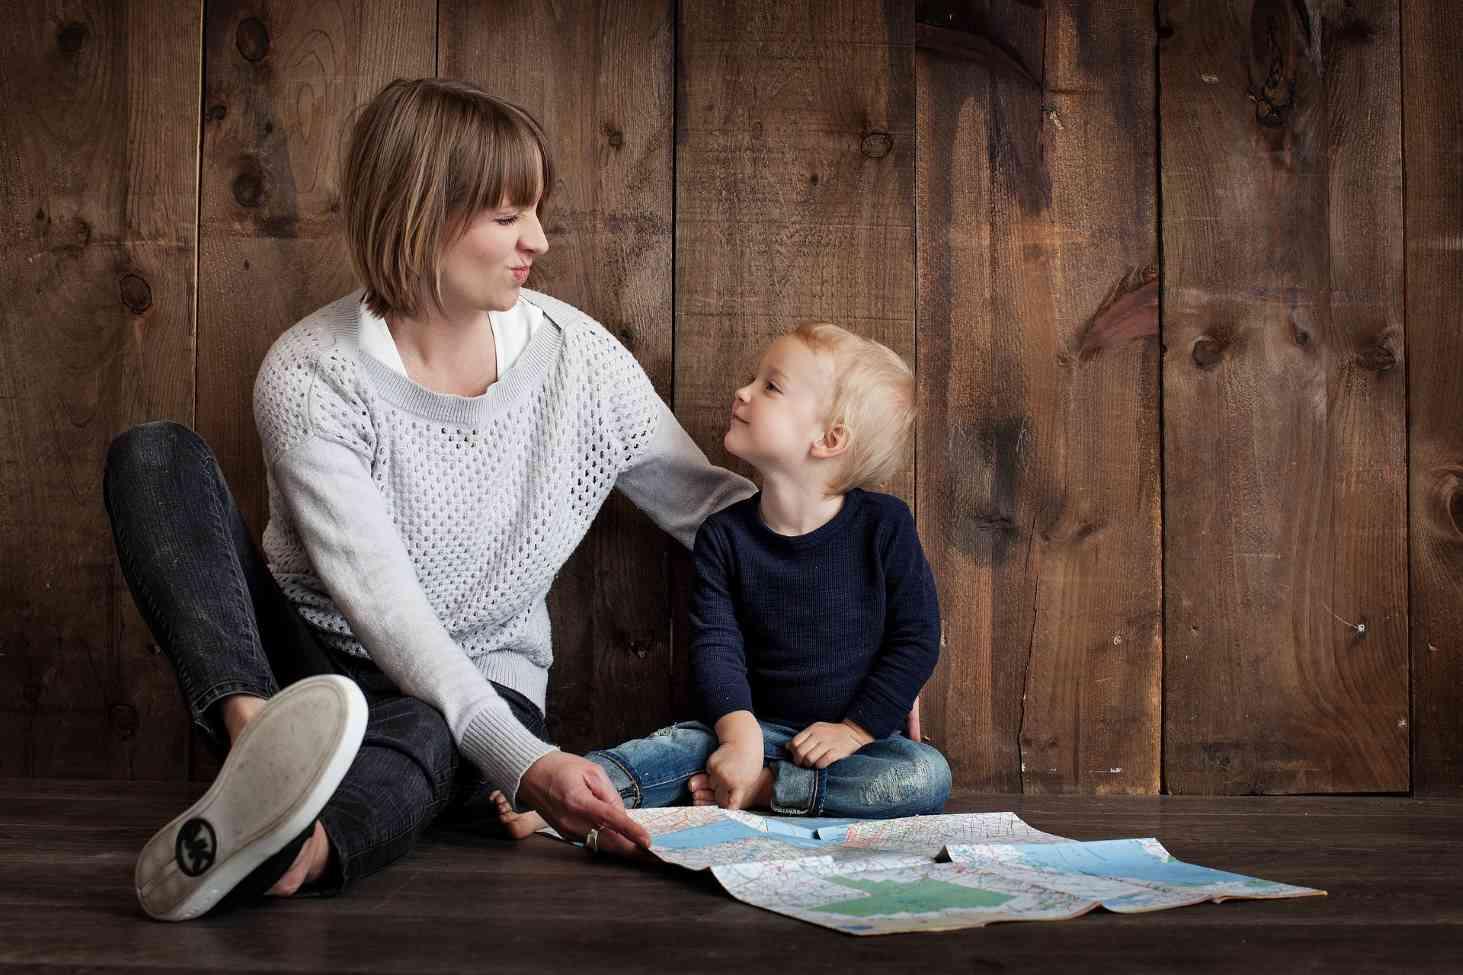 organizatsiya-vstrech-s-detmi-i-roditelyami-v-detskom-sadu-metodicheskie-idei